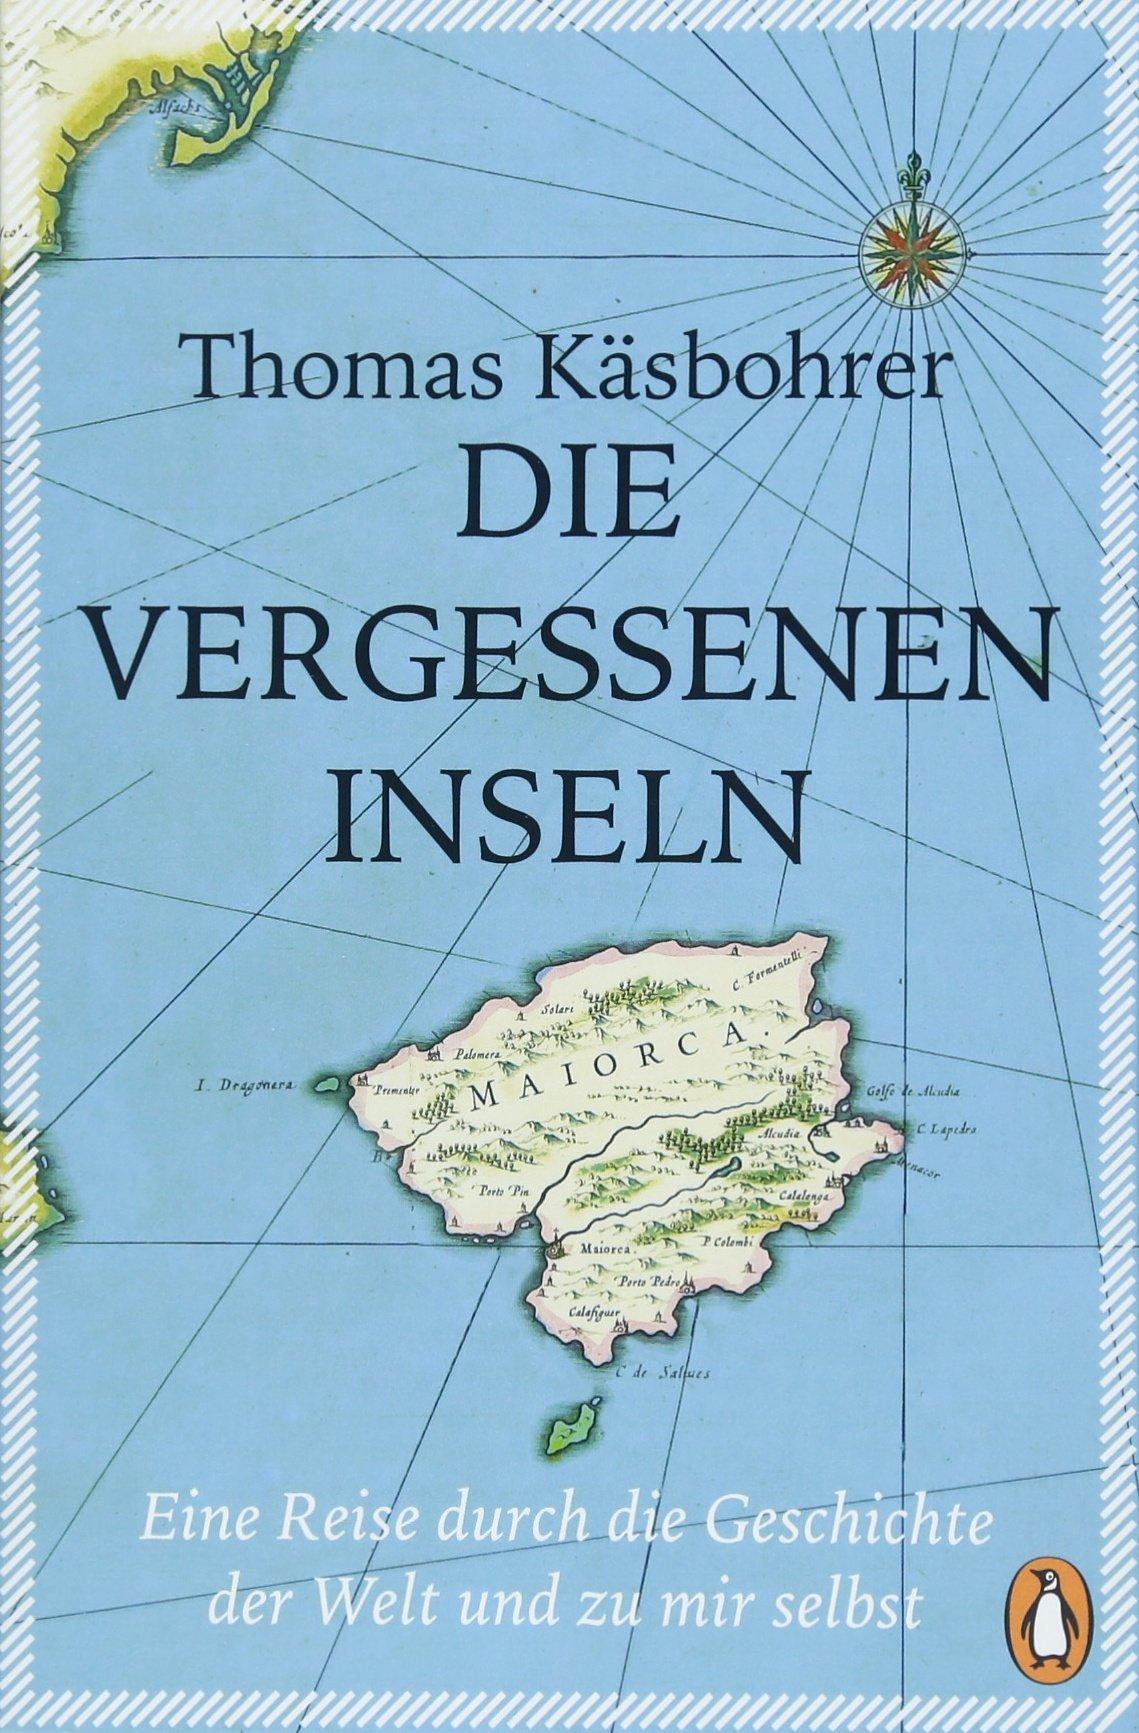 Die vergessenen Inseln: Eine Reise durch die Geschichte der Welt und zu mir selbst Broschiert – 10. April 2018 Thomas Käsbohrer Penguin Verlag 3328101780 Griechenland